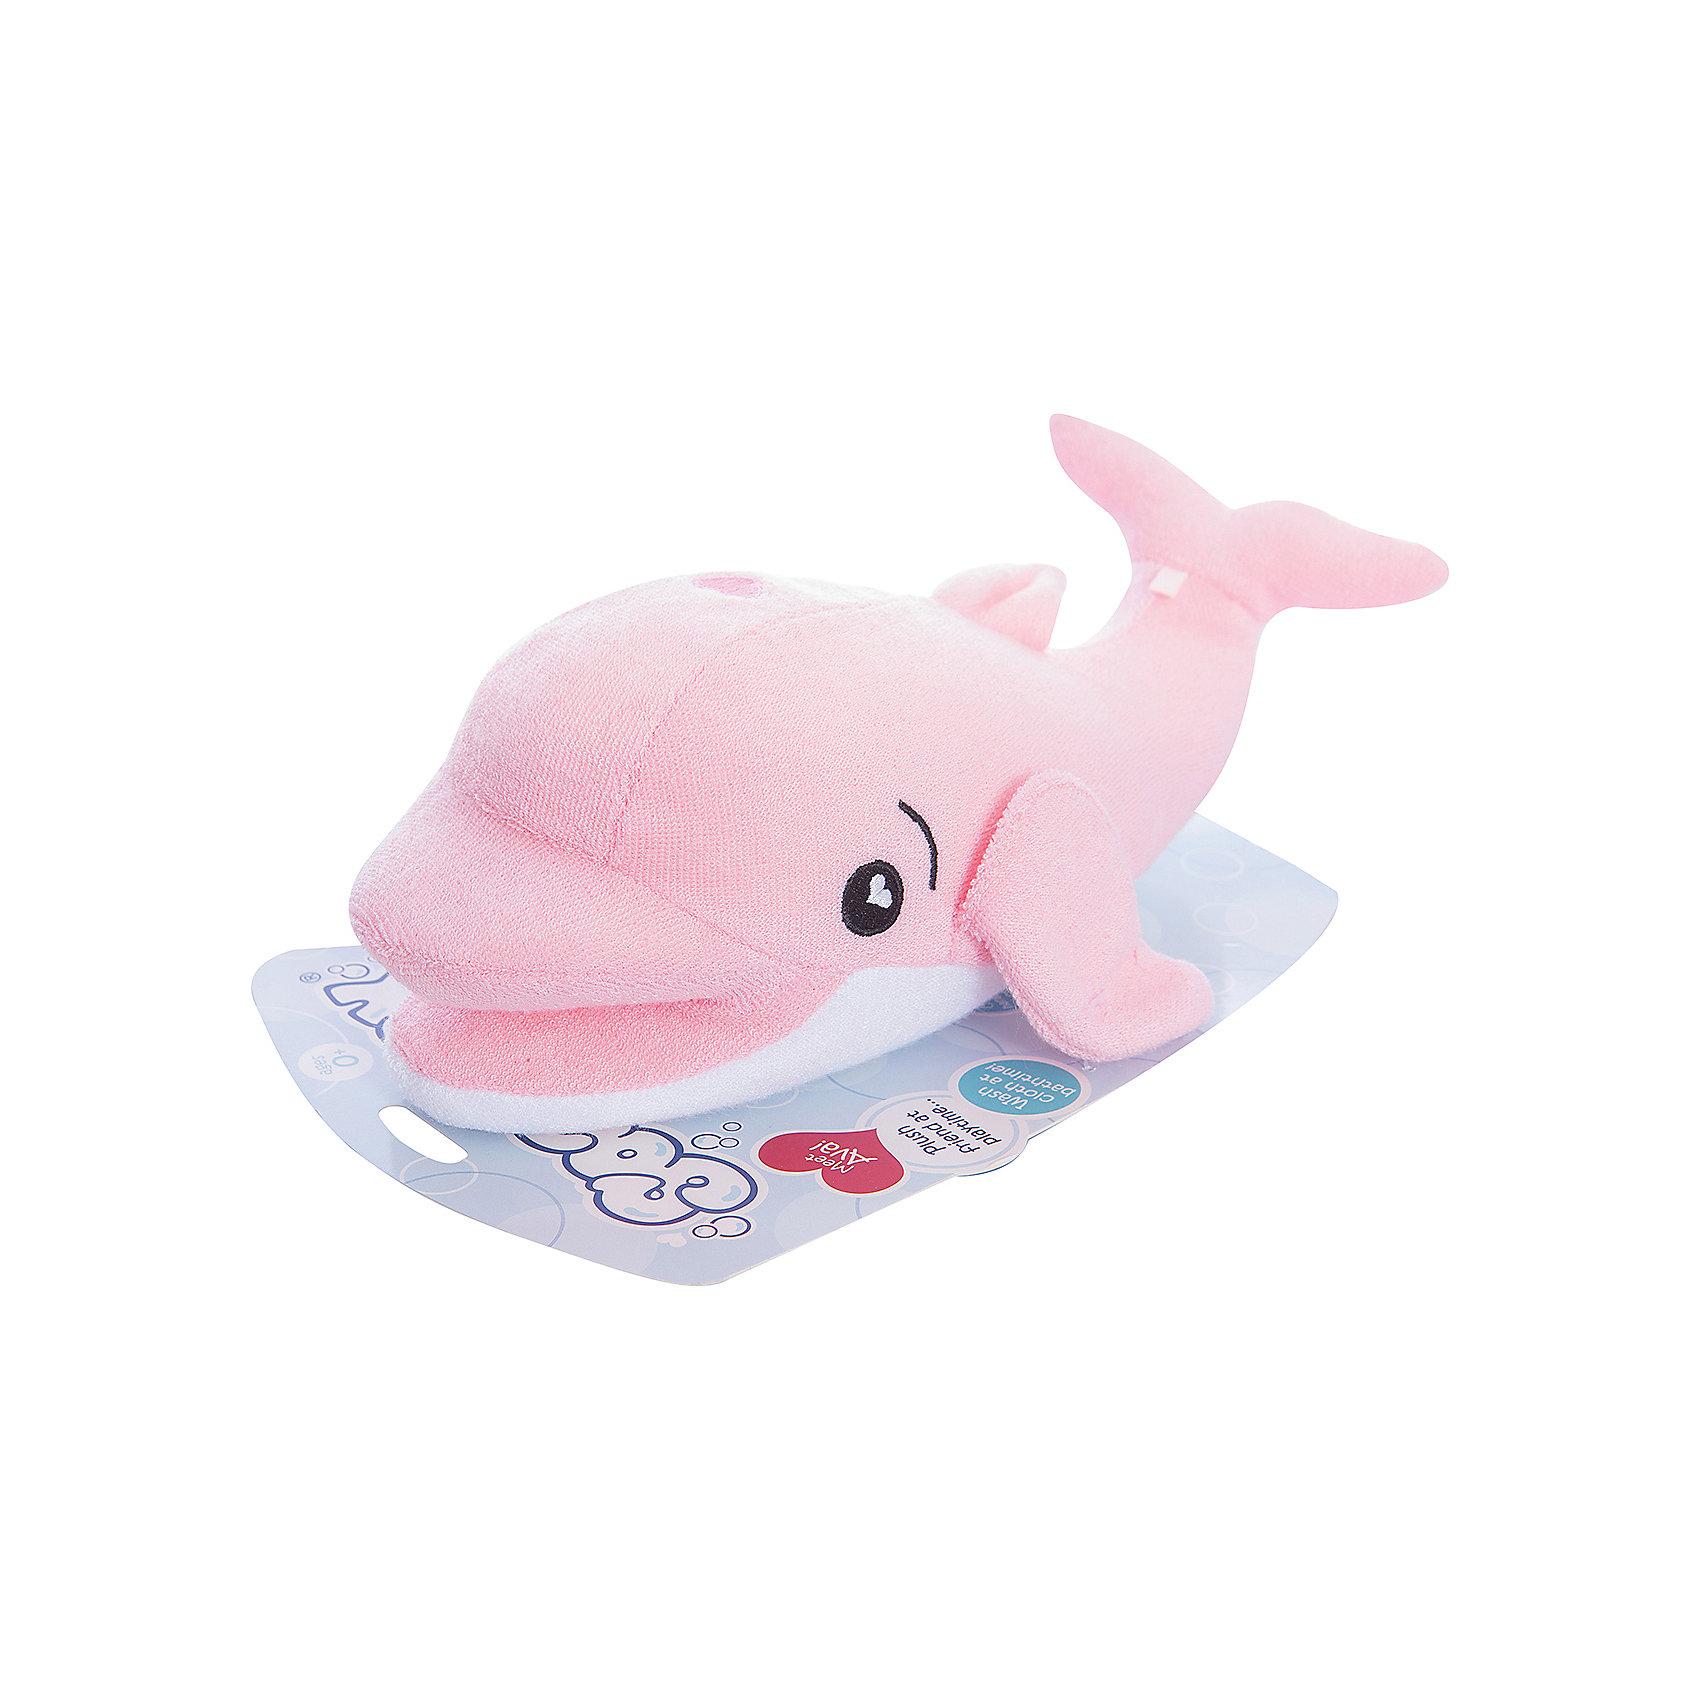 Губка для тела Дельфин Ава, SoapSoxПолотенца, мочалки, халаты<br>Губка для тела Дельфин Ава, SoapSox (Соап Сокс) <br><br>Характеристики:<br><br>• выполнена в виде забавного дельфина<br>• хорошо вспенивает мыло<br>• два кармашка для пальцев<br>• удобно сушить<br>• материал: антимикробный полиэстер, губка<br>• размер: 23х7,5х13 см<br>• размер упаковки: 22х8х28 см<br>• вес: 100 грамм<br><br>Губка SoapSox - настоящая палочка-выручалочка для родителей. Вы сможете использовать ее как губку или в качестве мягкой игрушки во время купания. С такой губкой даже привереда с радостью побежит купаться. Специальная технология позволяет создать большое количество пены, которая так нравится малышам. Для этого нужно заполнить внутренний карман жидким или твердым мылом и опустить губку в воду. После использования губку можно подвесить на небольшой шнурок.<br><br>Губка для тела Дельфин Ава, SoapSox (Соап Сокс)  можно купить в нашем интернет-магазине.<br><br>Ширина мм: 28<br>Глубина мм: 22<br>Высота мм: 8<br>Вес г: 0<br>Возраст от месяцев: 12<br>Возраст до месяцев: 72<br>Пол: Унисекс<br>Возраст: Детский<br>SKU: 5489964